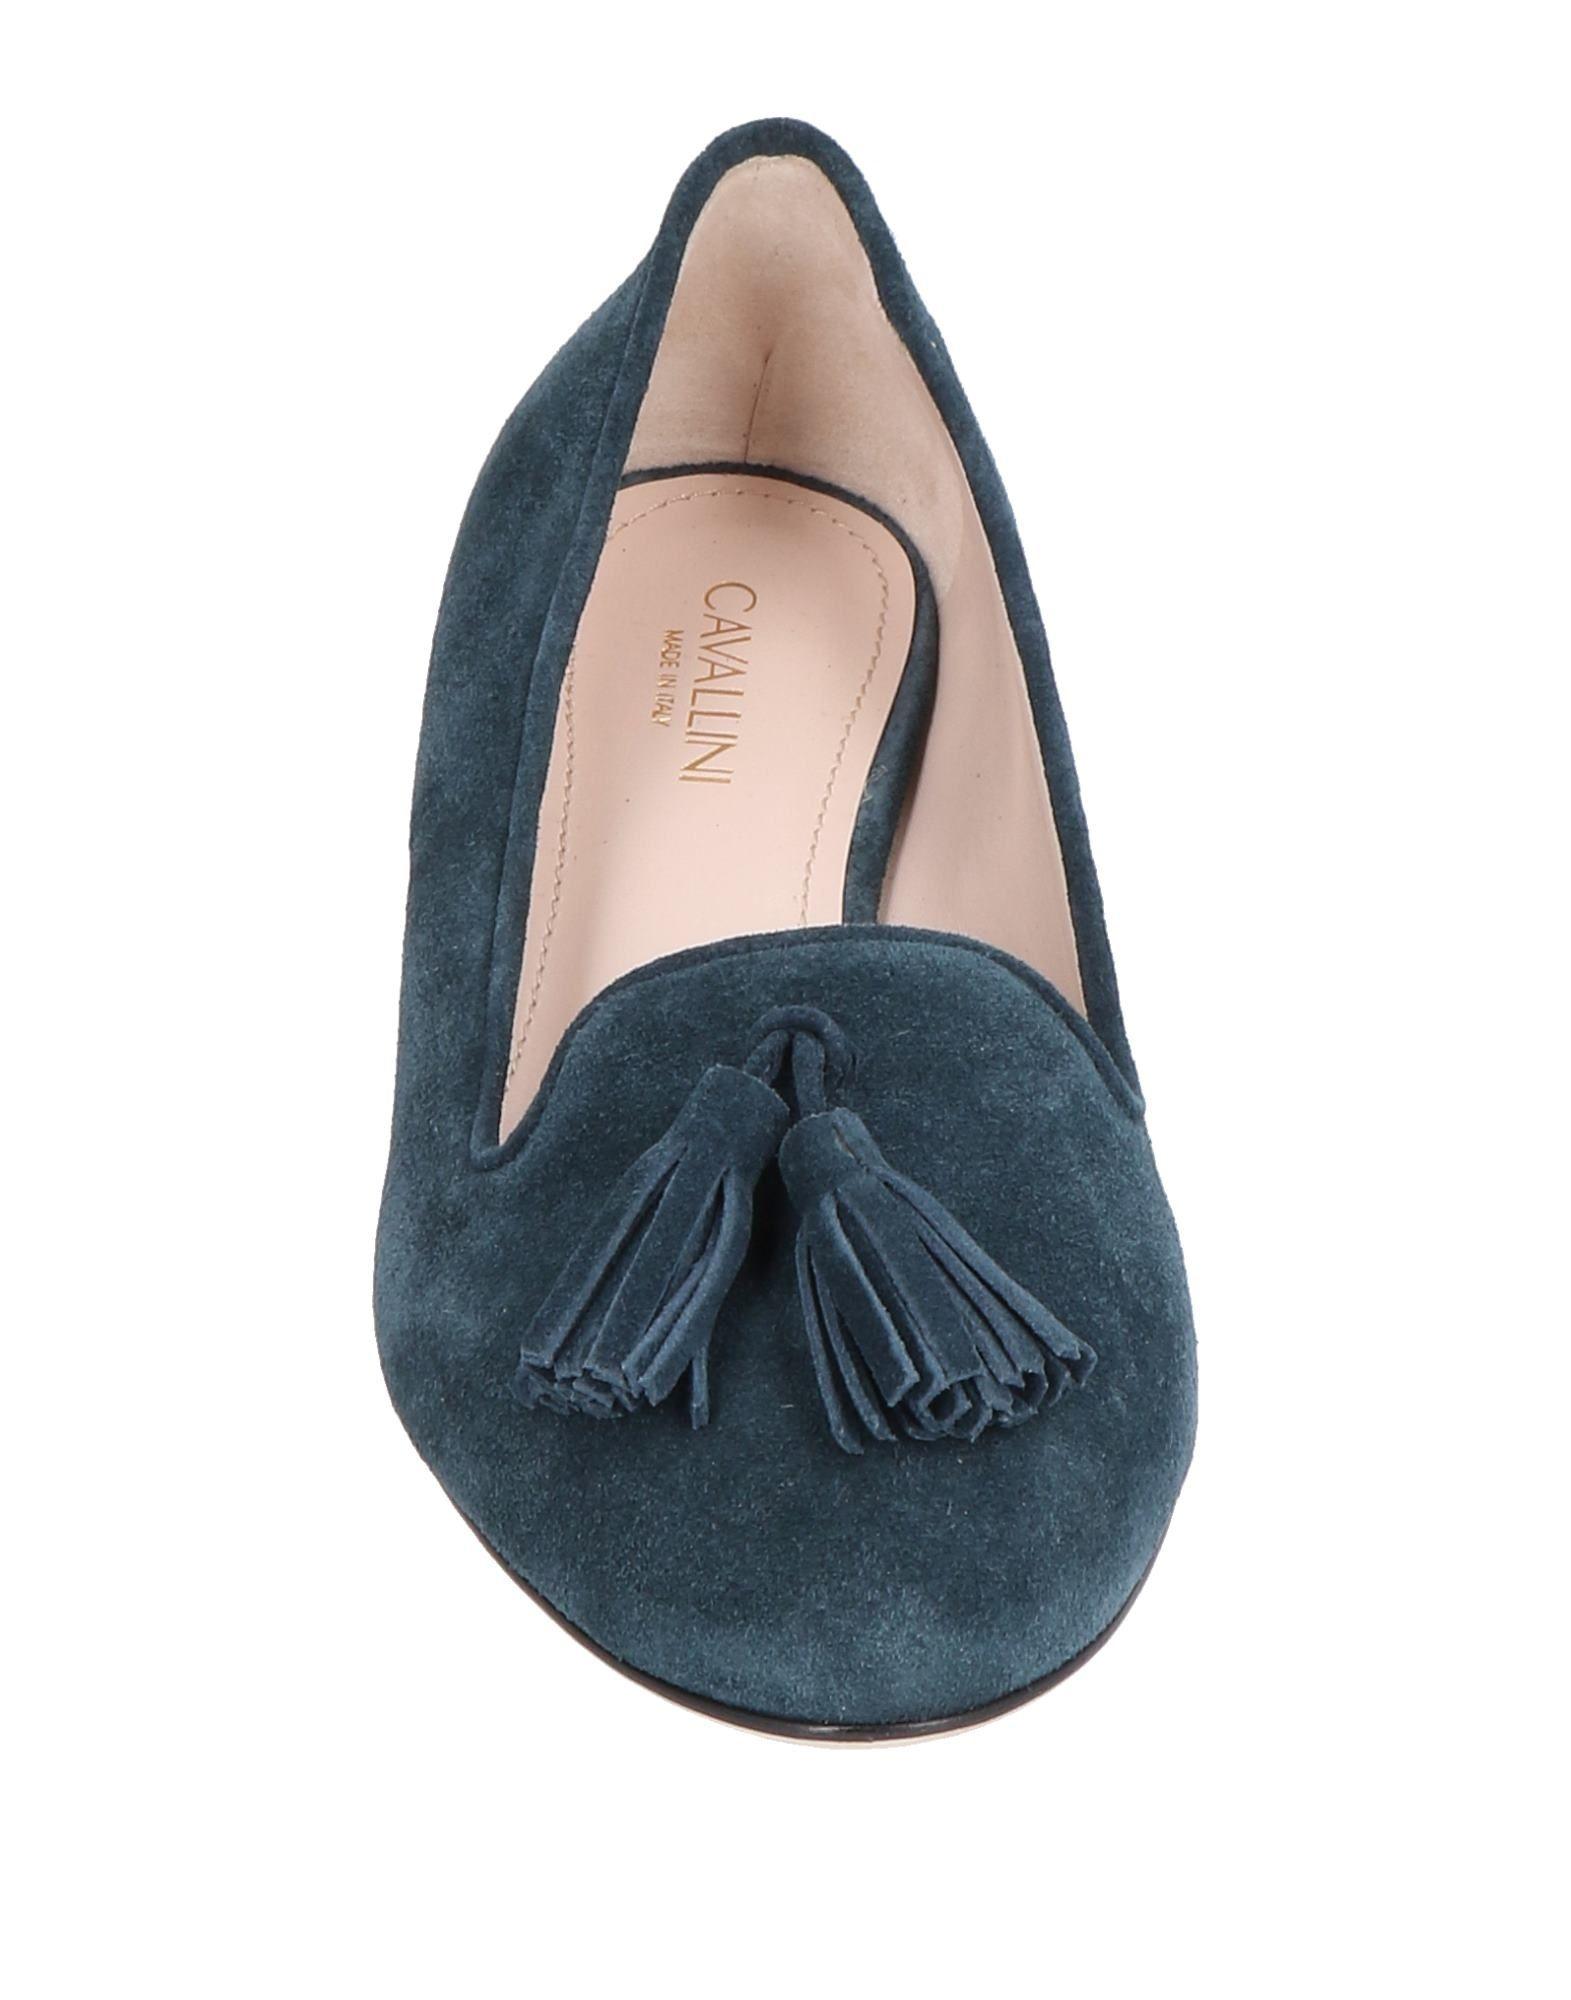 Cavallini Mokassins Gute Damen  11484052KU Gute Mokassins Qualität beliebte Schuhe 79f6d1